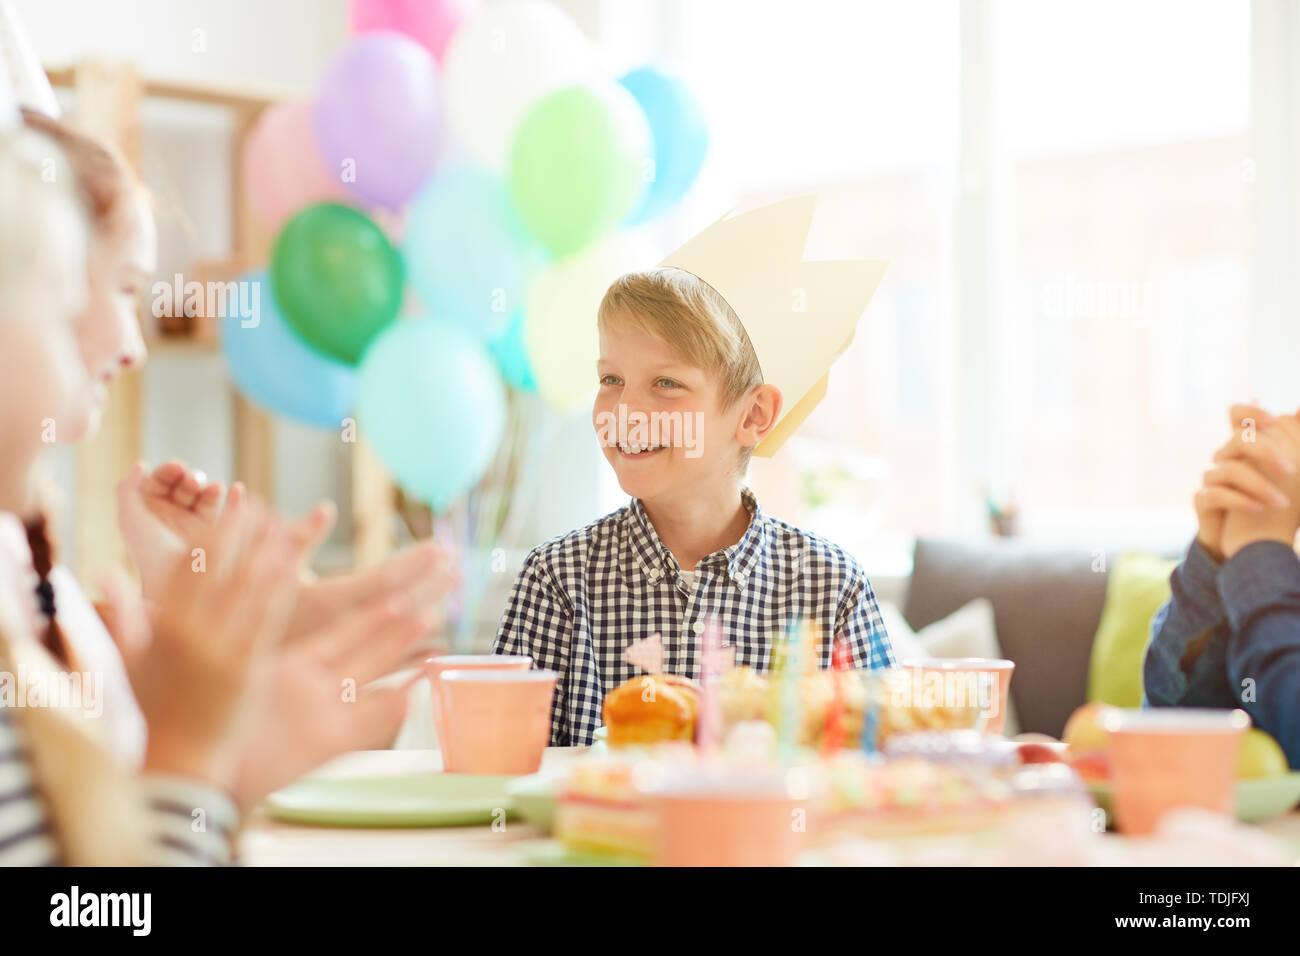 Retrato de niño sonriente vistiendo crown sentado en la tabla mientras celebrando un cumpleaños con amigos, espacio de copia Foto de stock